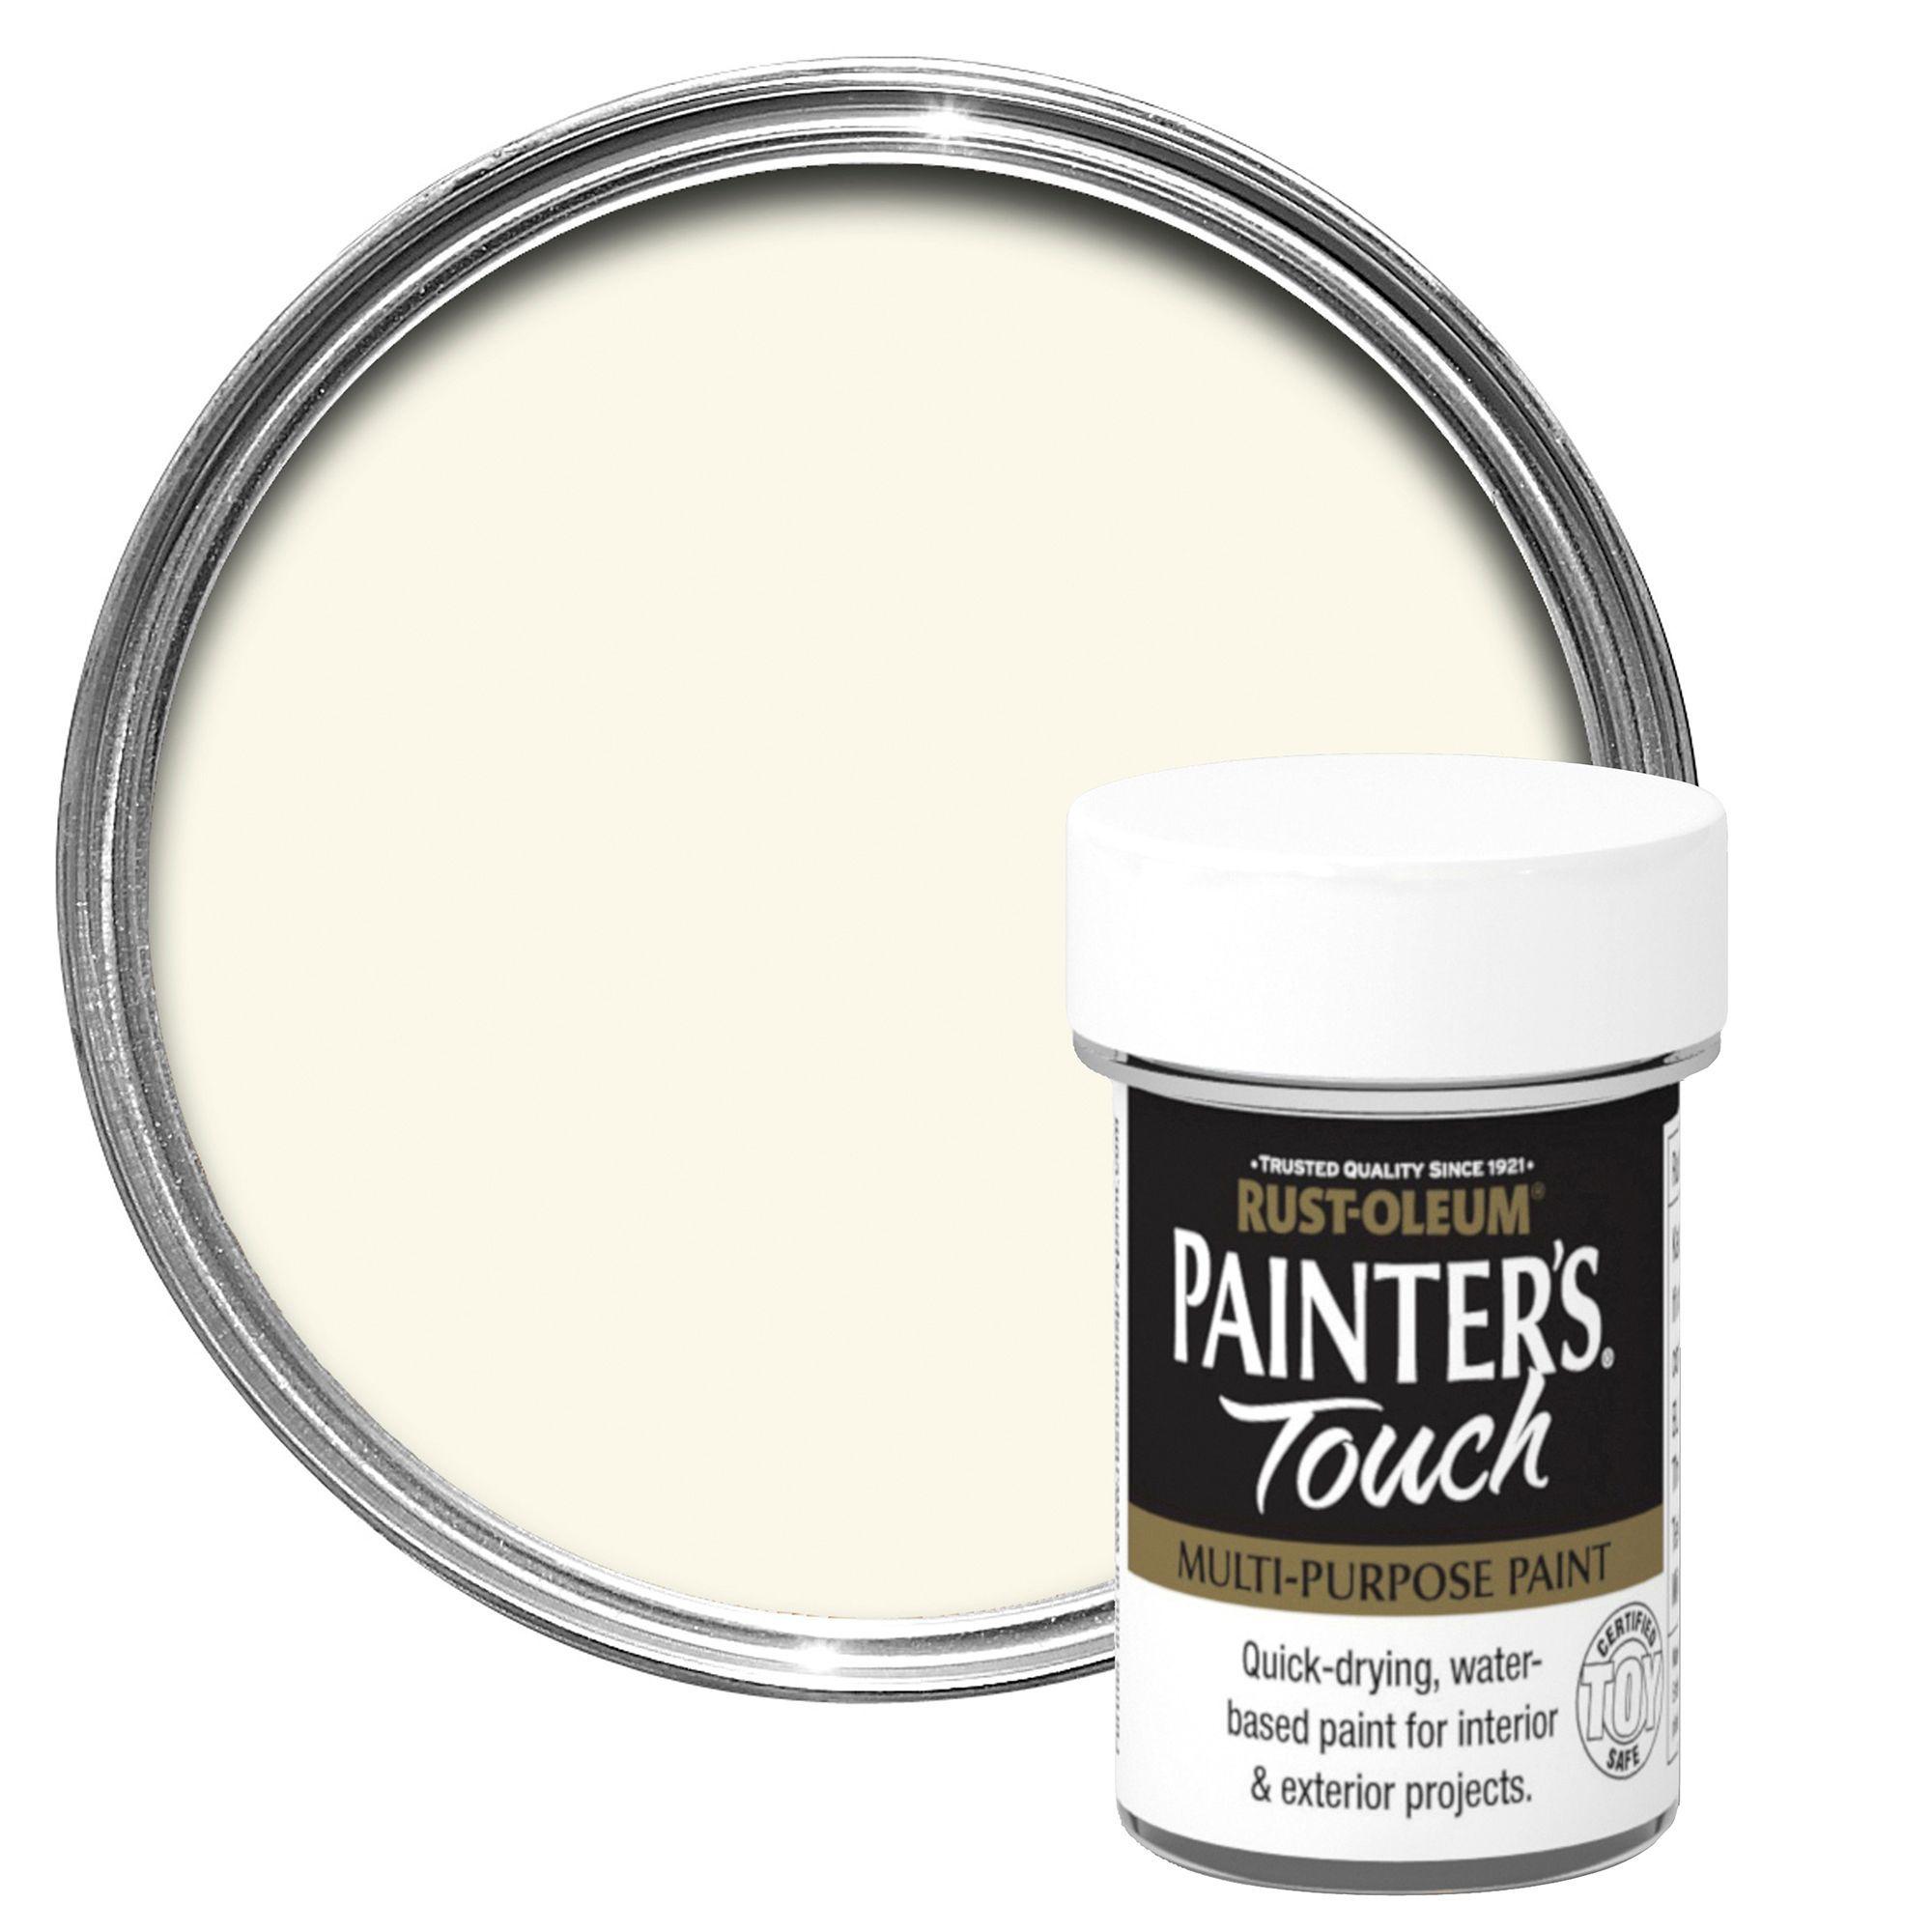 Rust-oleum Painter's Touch Interior & Exterior Antique Gloss Multipurpose Paint 20ml